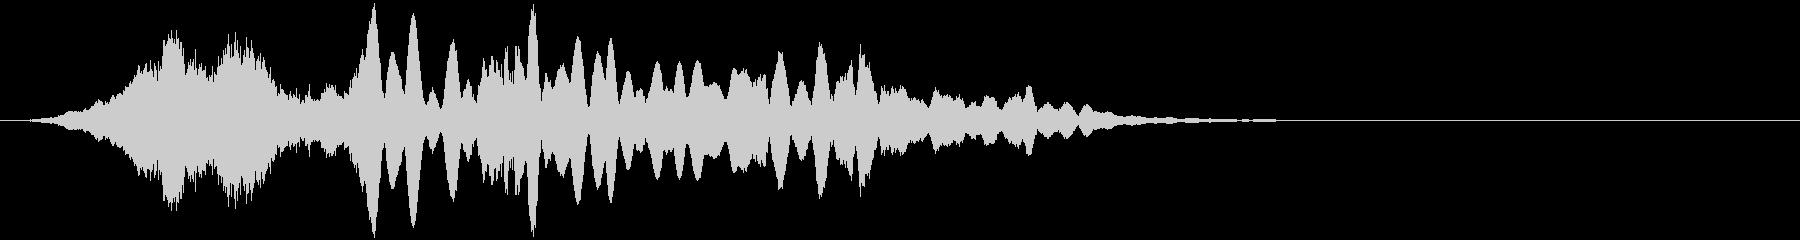 ベルの甲高い共鳴音をシネマティックにの未再生の波形